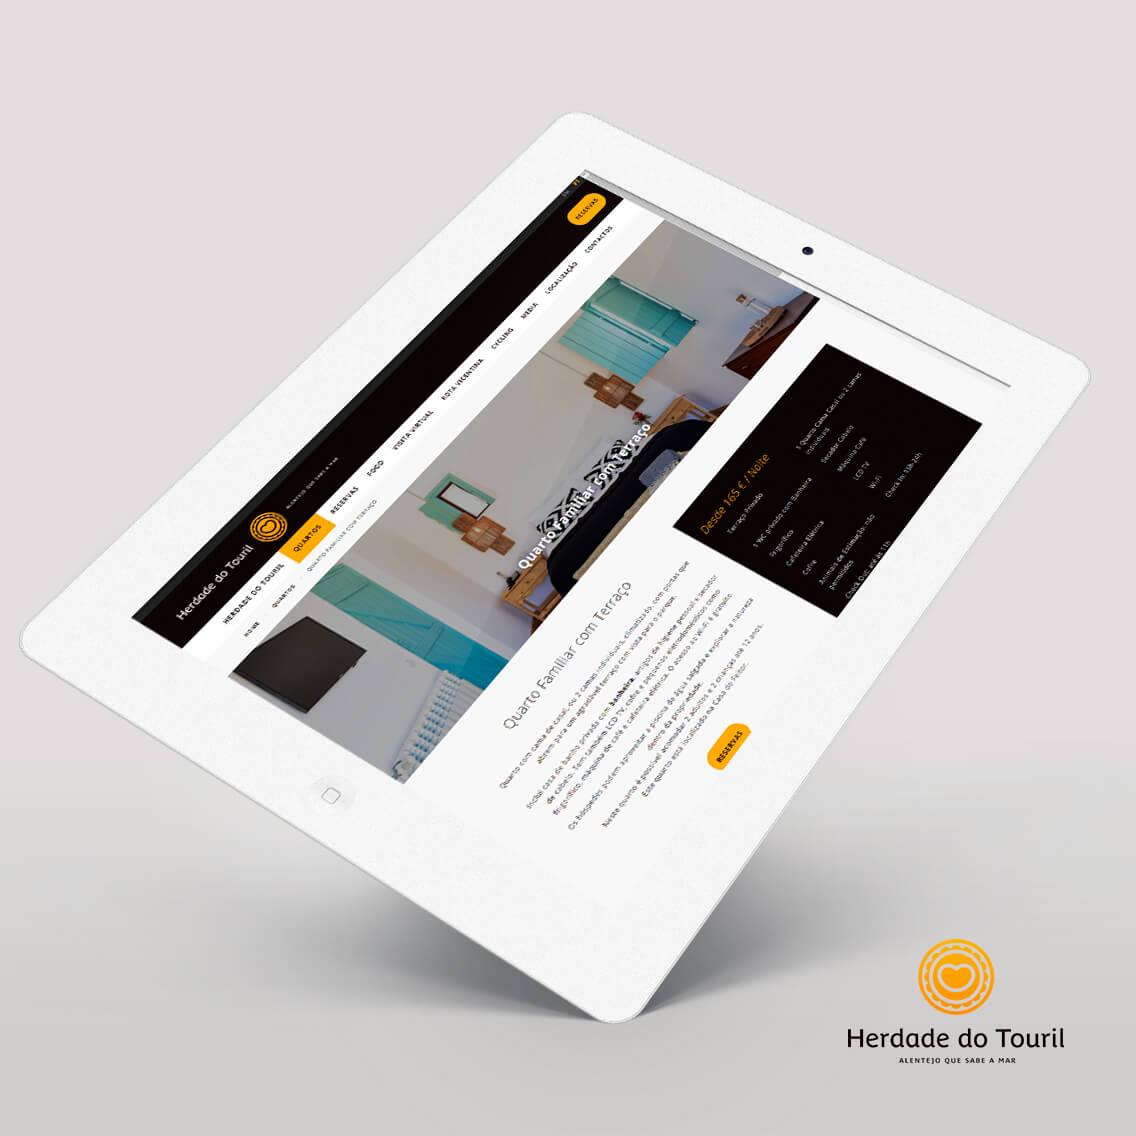 Website Herdade do Touril Portfolio Mind Forward, agência de marketing digital